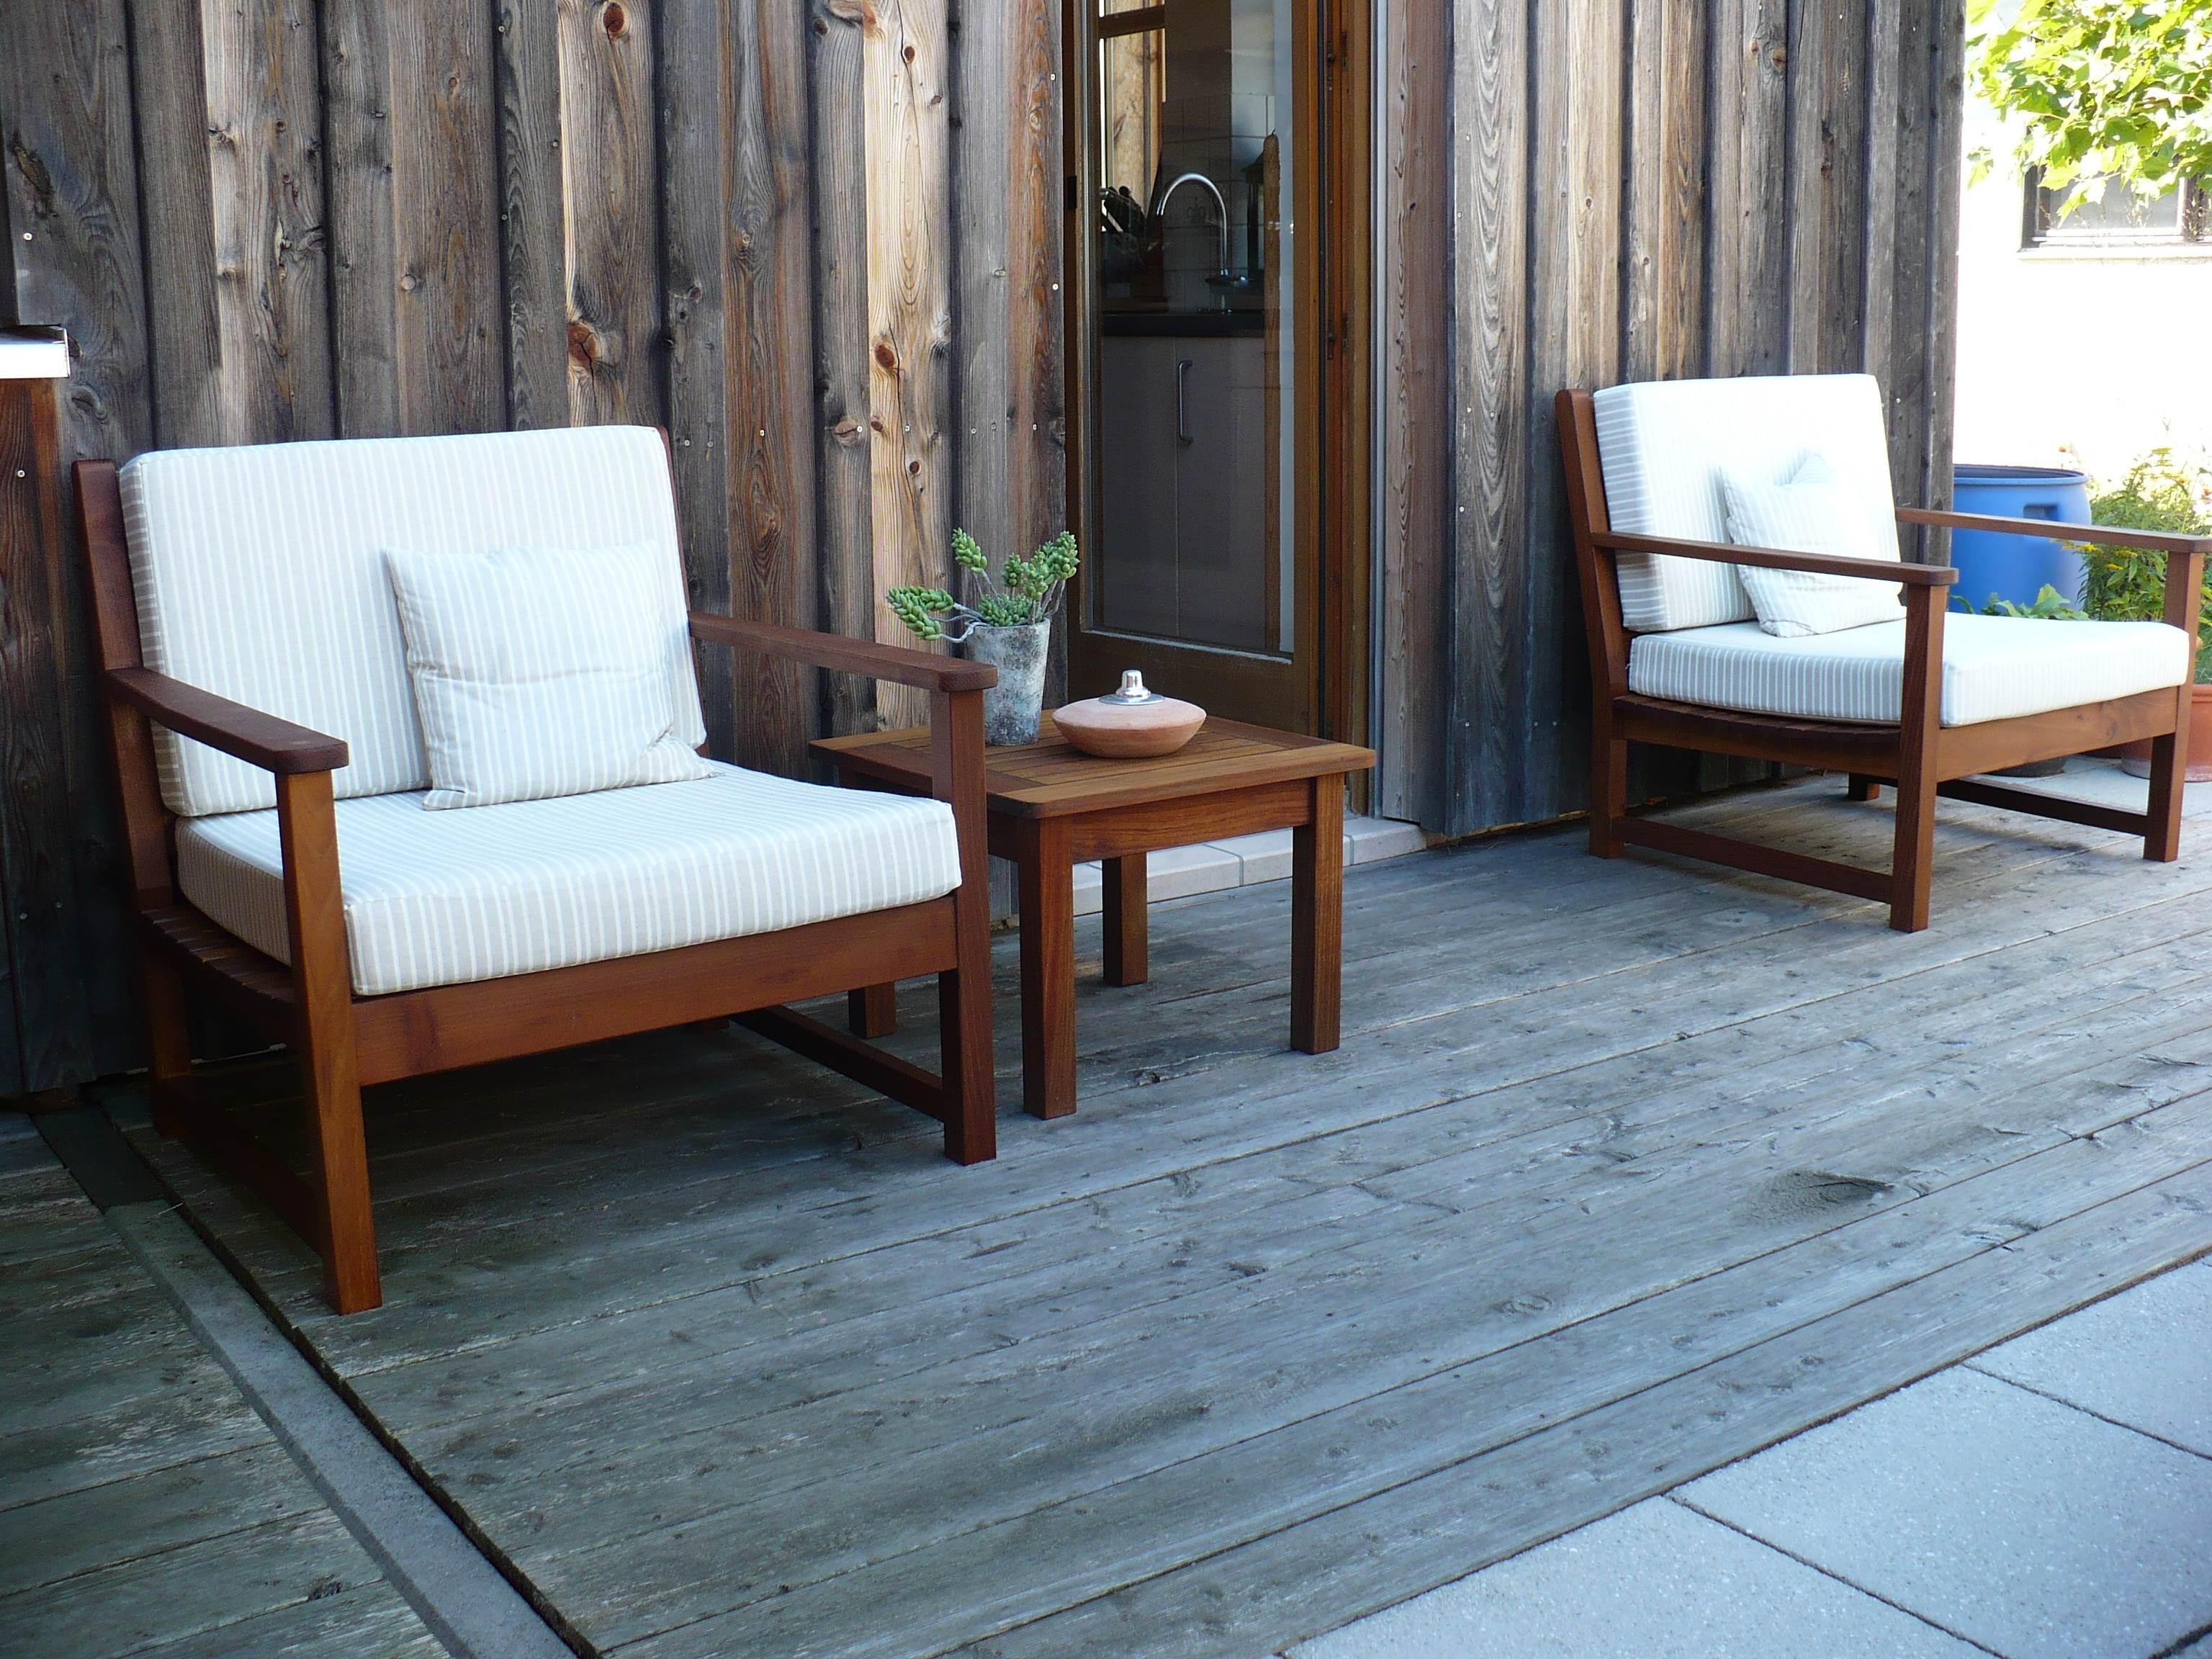 galerie auf dem holzweg unterwegs. Black Bedroom Furniture Sets. Home Design Ideas